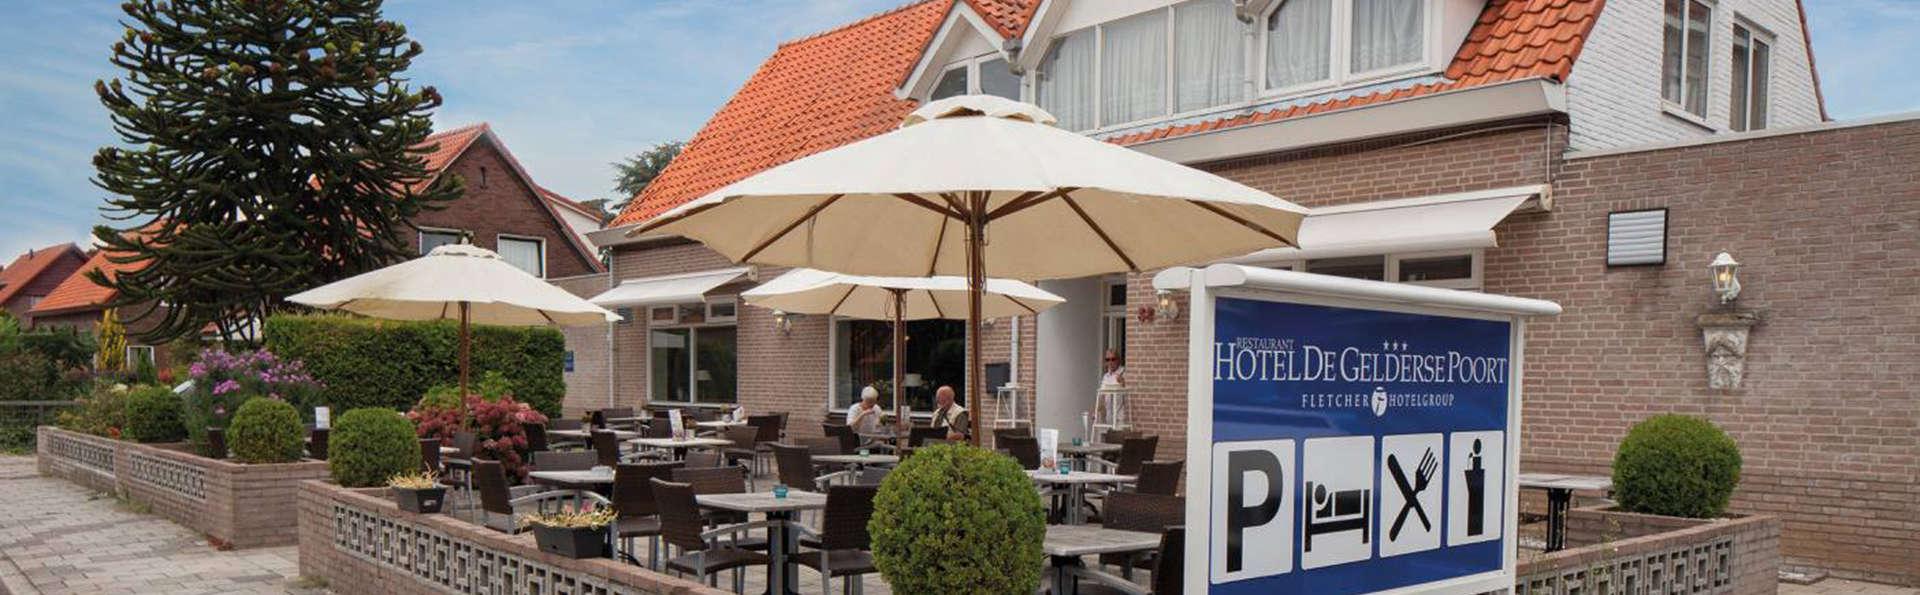 Fletcher Hotel-Restaurant De Gelderse Poort - EDIT_front1.jpg